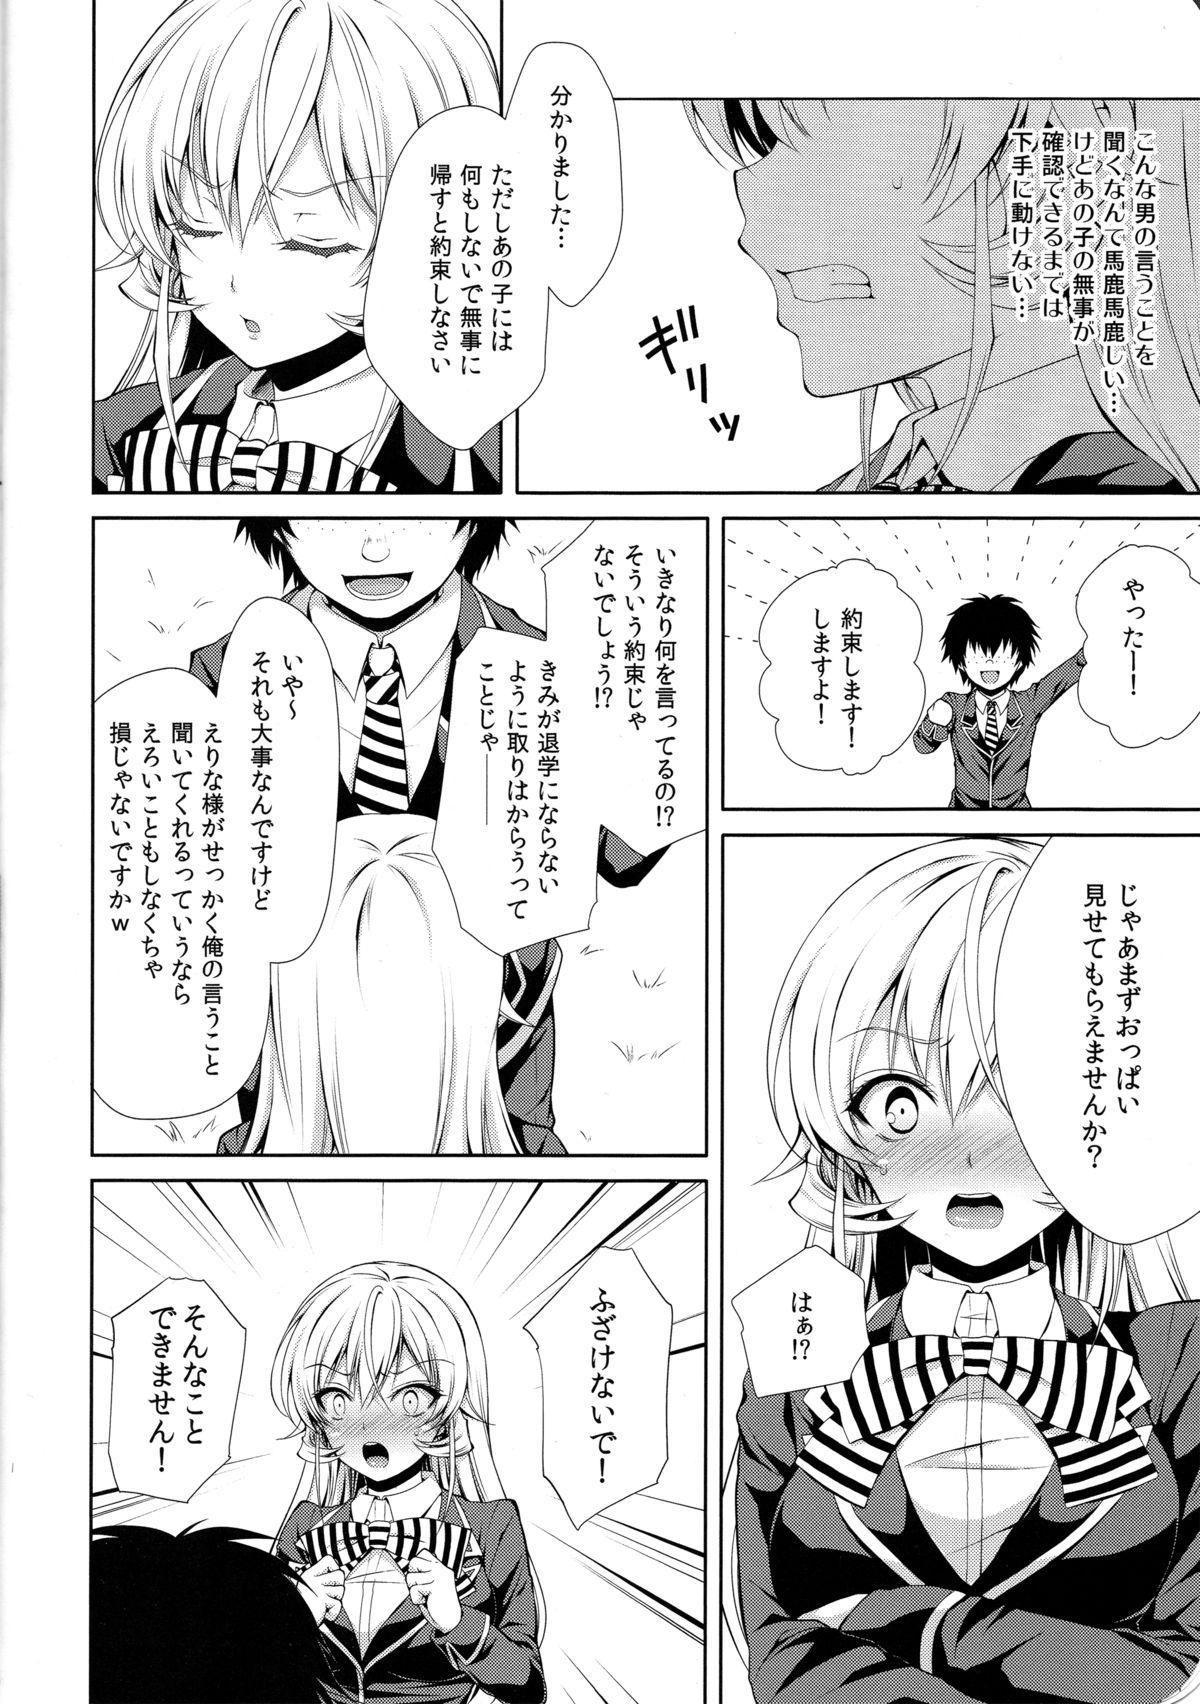 Erina-sama wa Ore no Seidorei 6